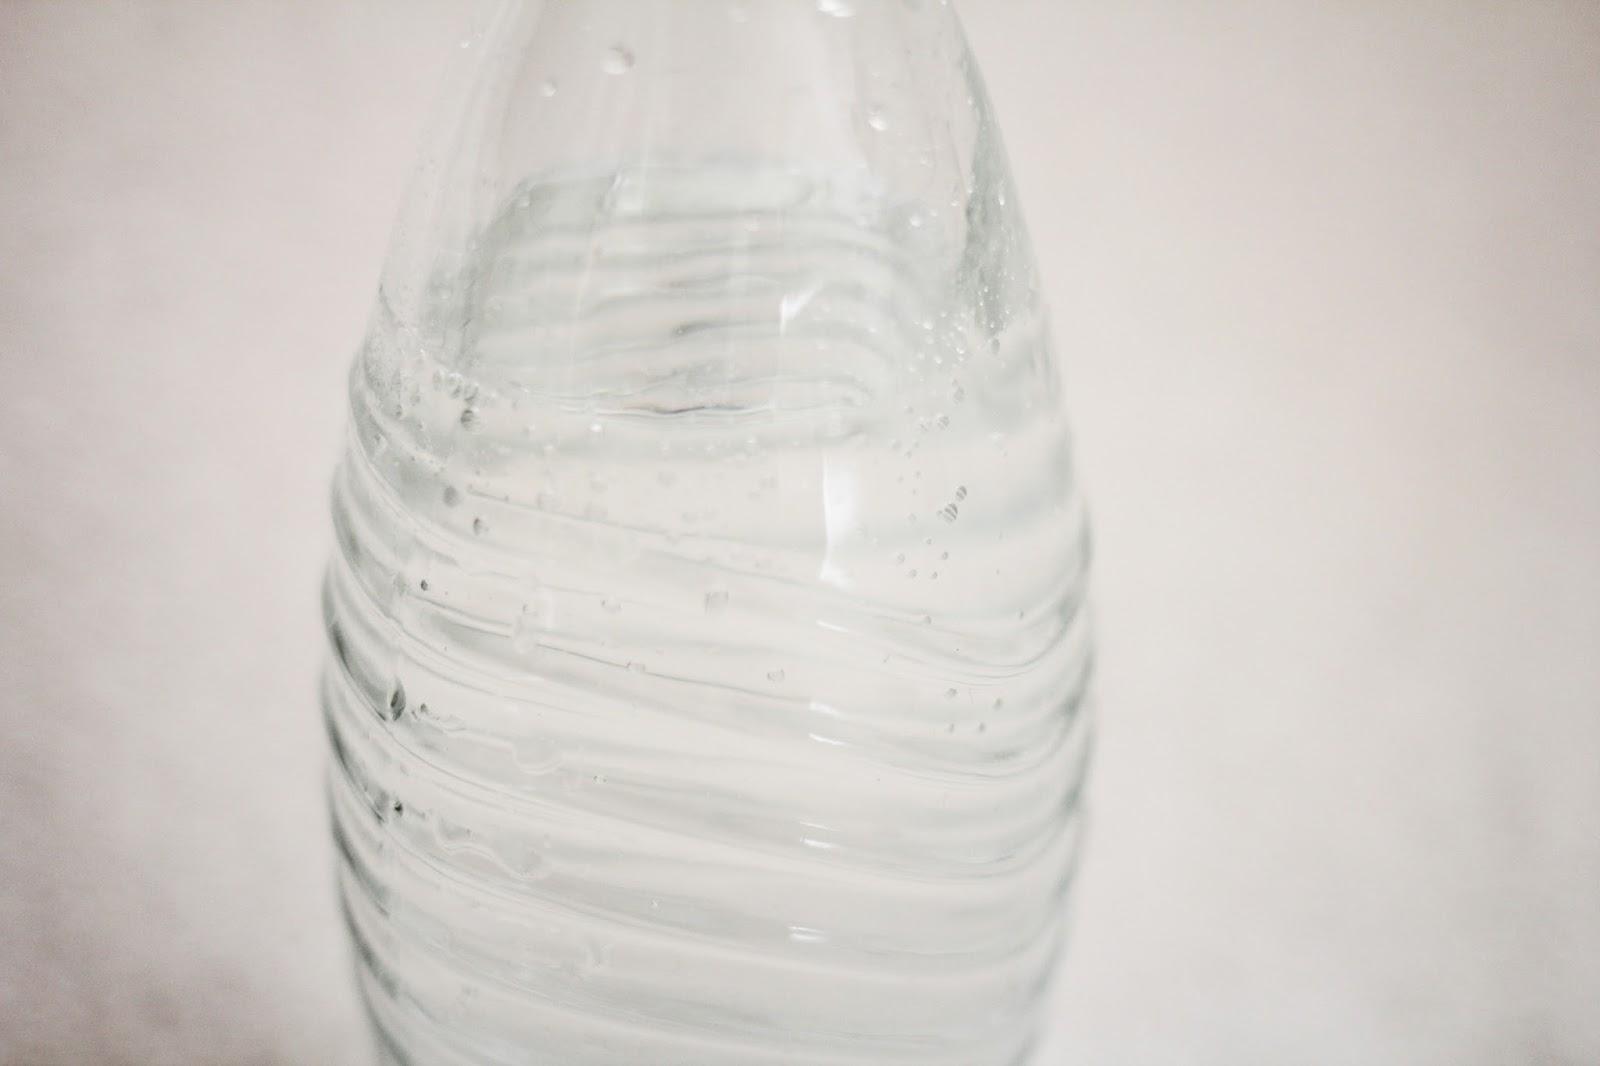 glasflasche wasser trinken